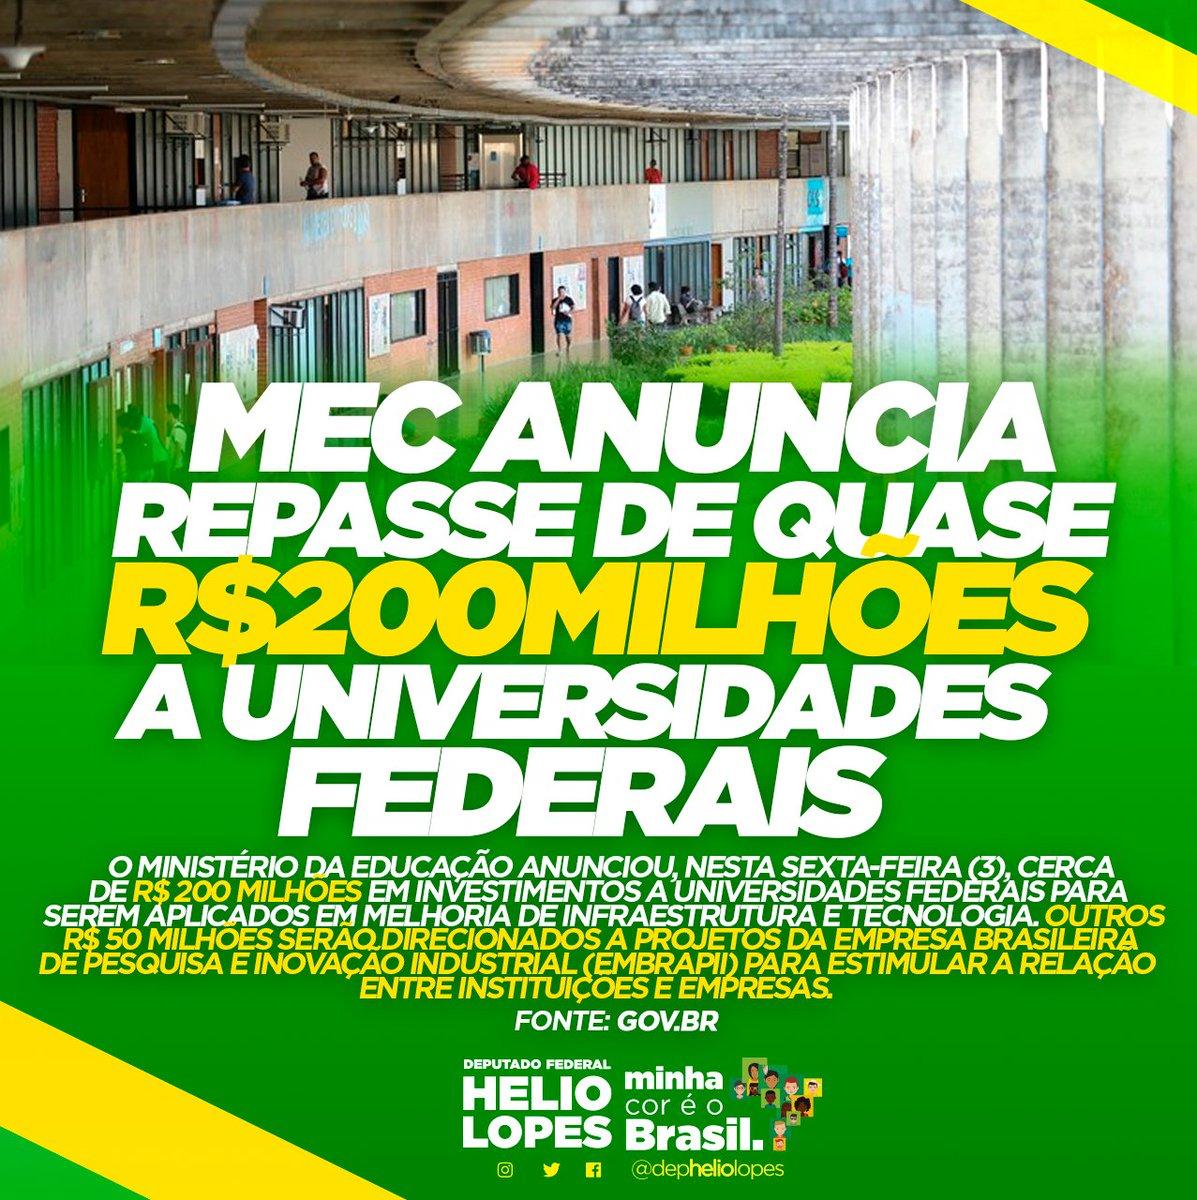 👉🏿👉🏿MEC anuncia repasse de quase R$200Milhões a universidades Federais.  #depheliolopes #minhacoréobrasil